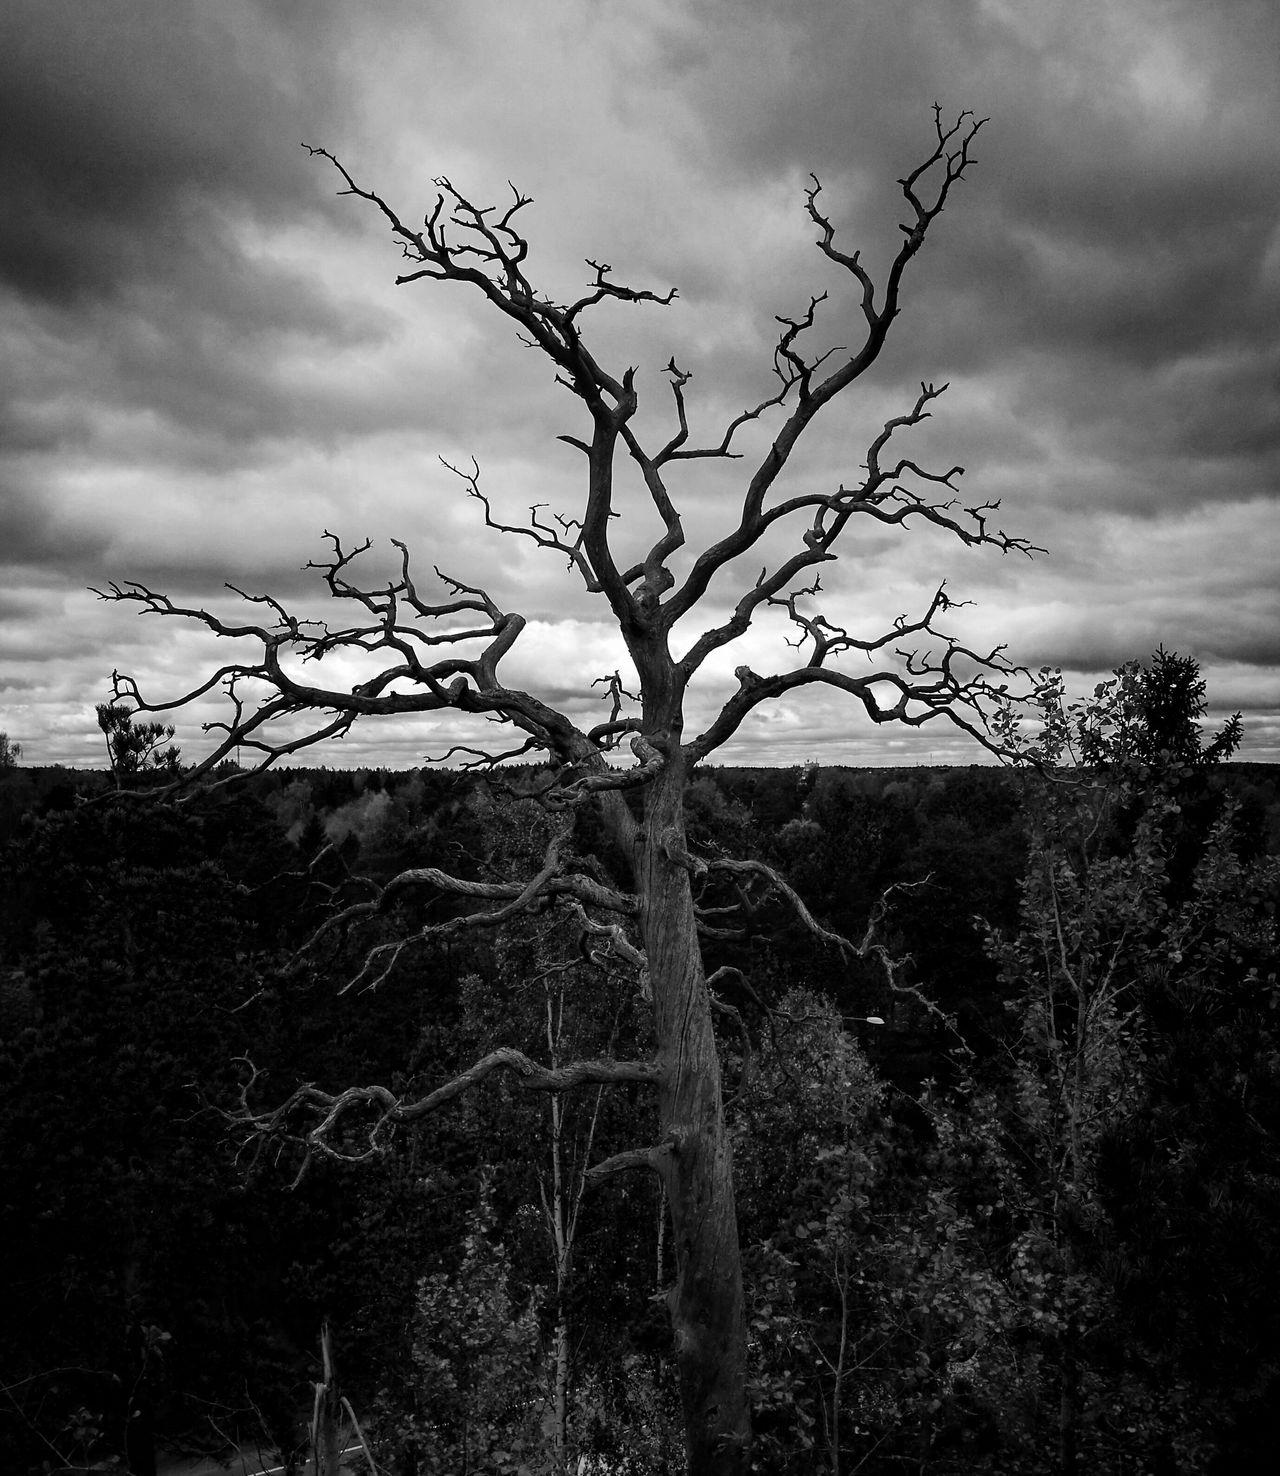 Black & White Nature Photography Alone Time Fridayfeeling